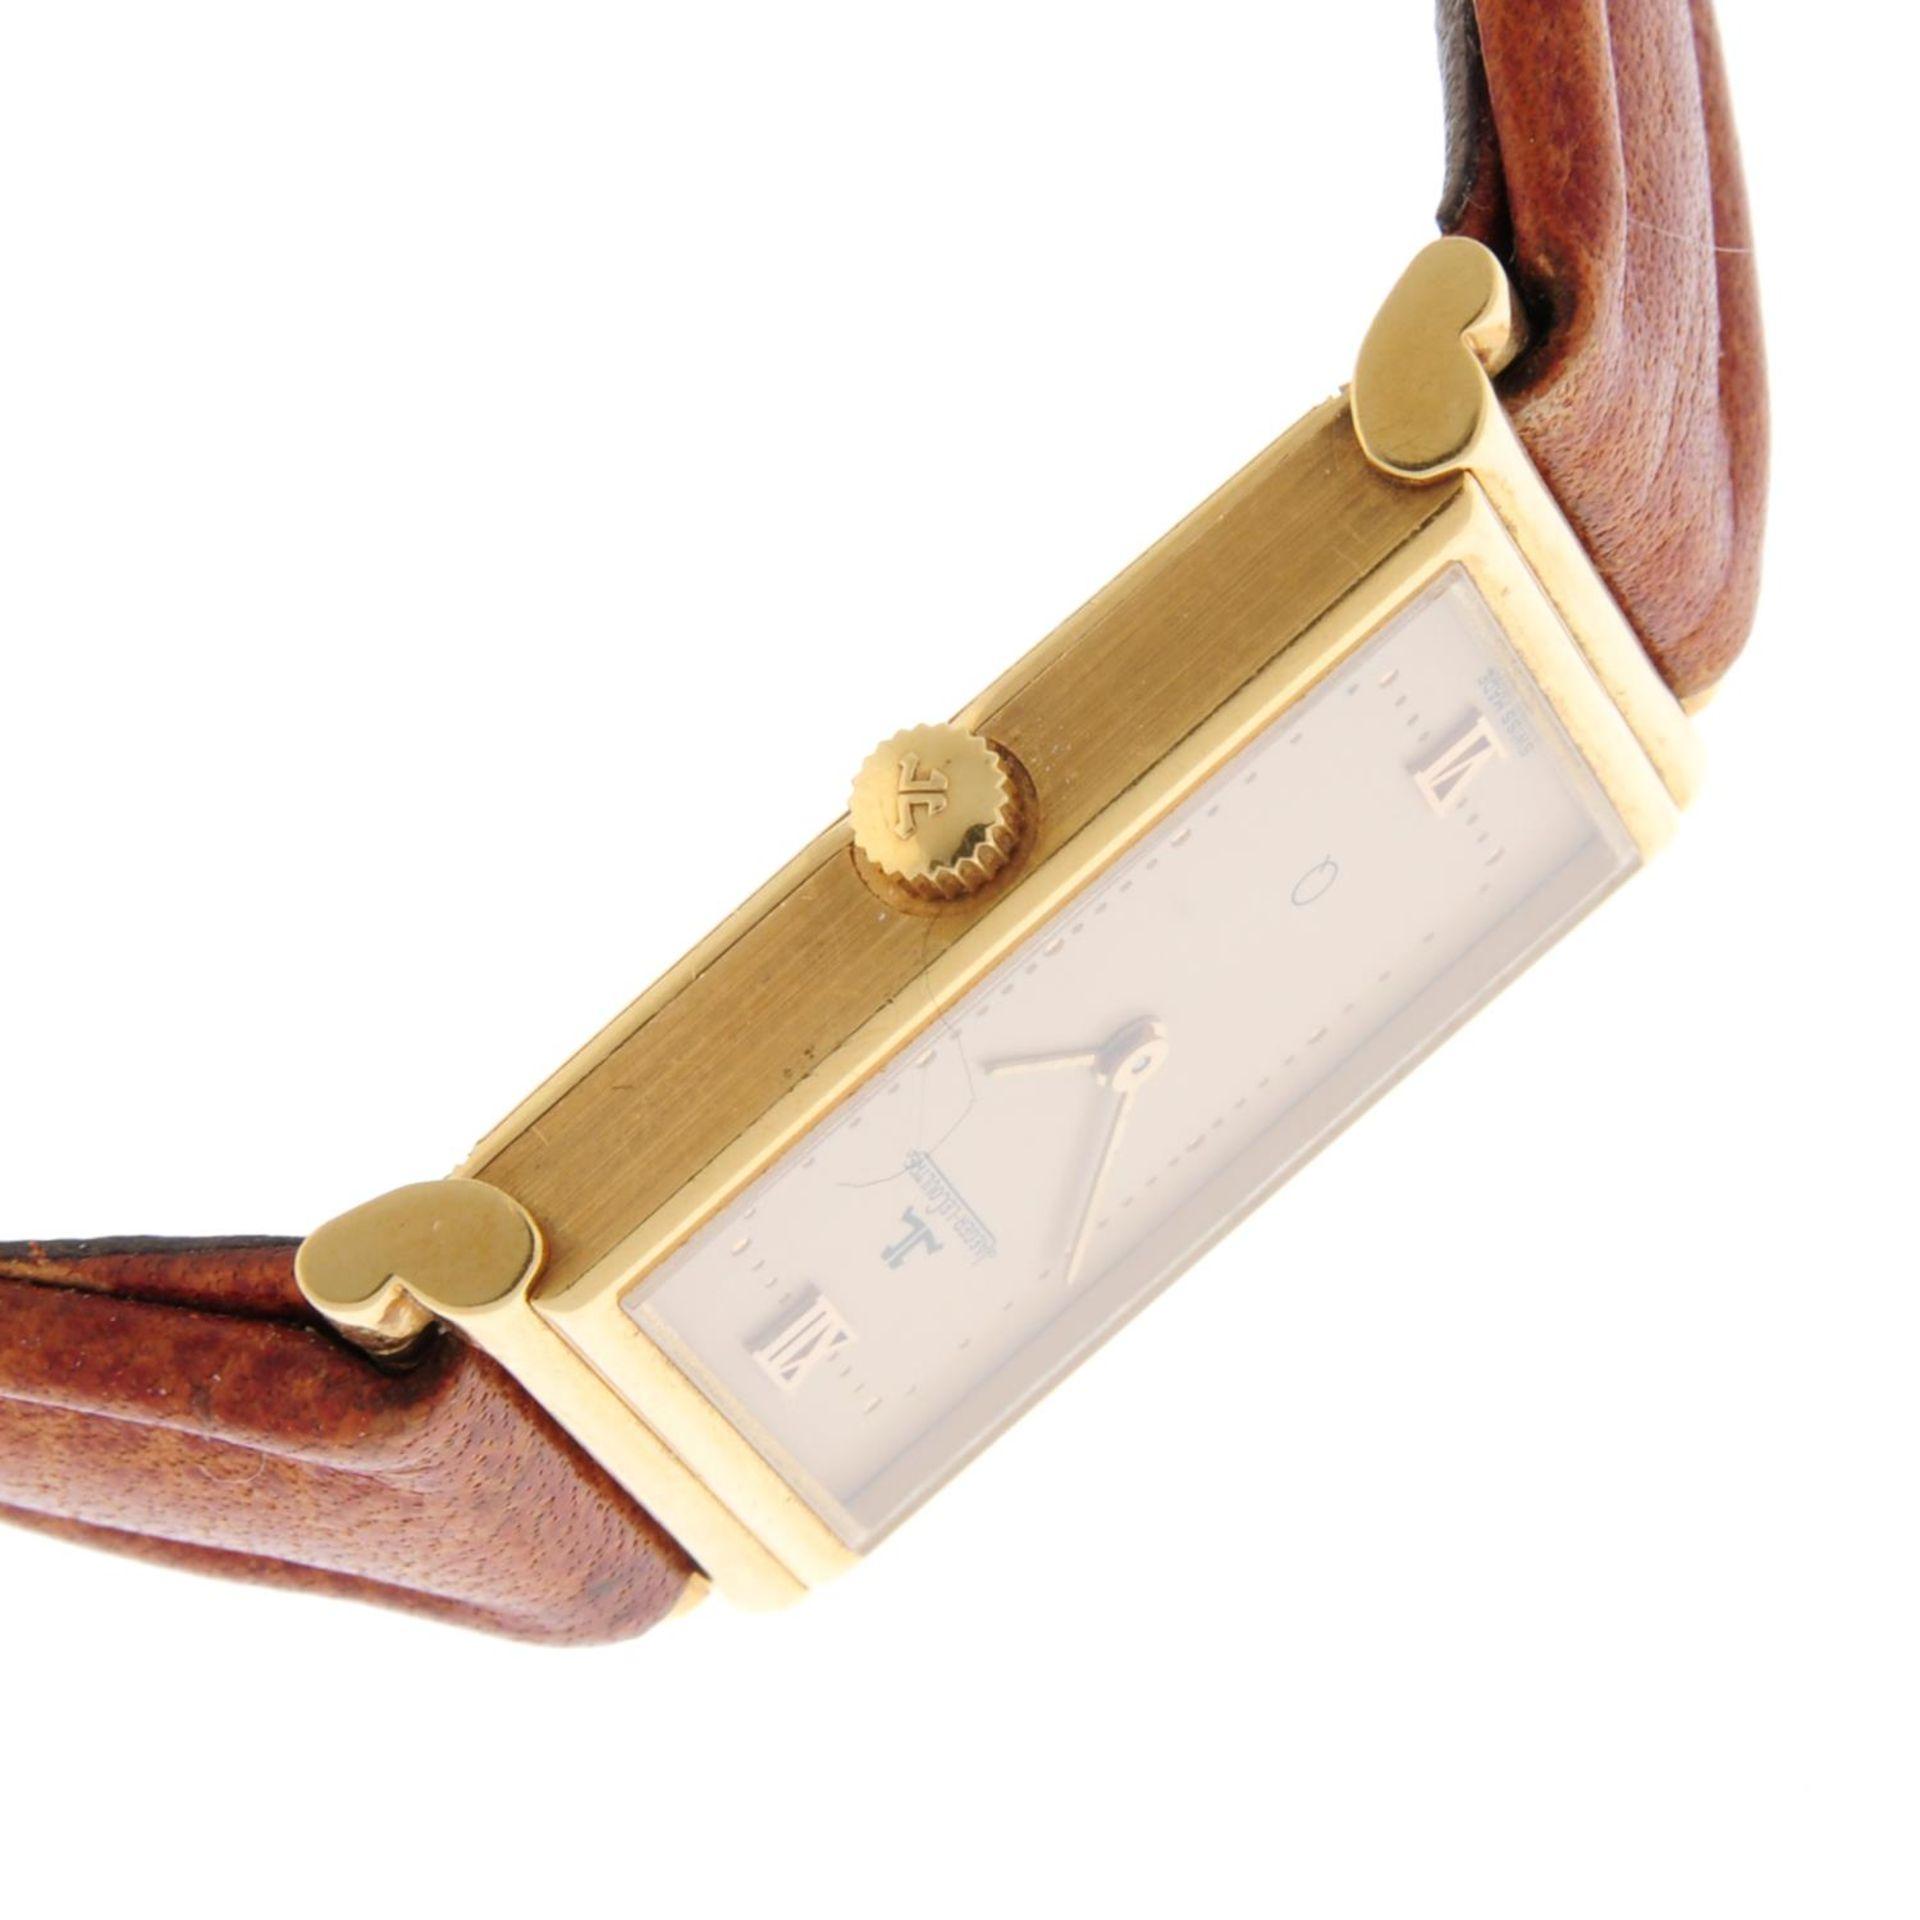 JAEGER-LECOULTRE - a wrist watch. - Bild 4 aus 5